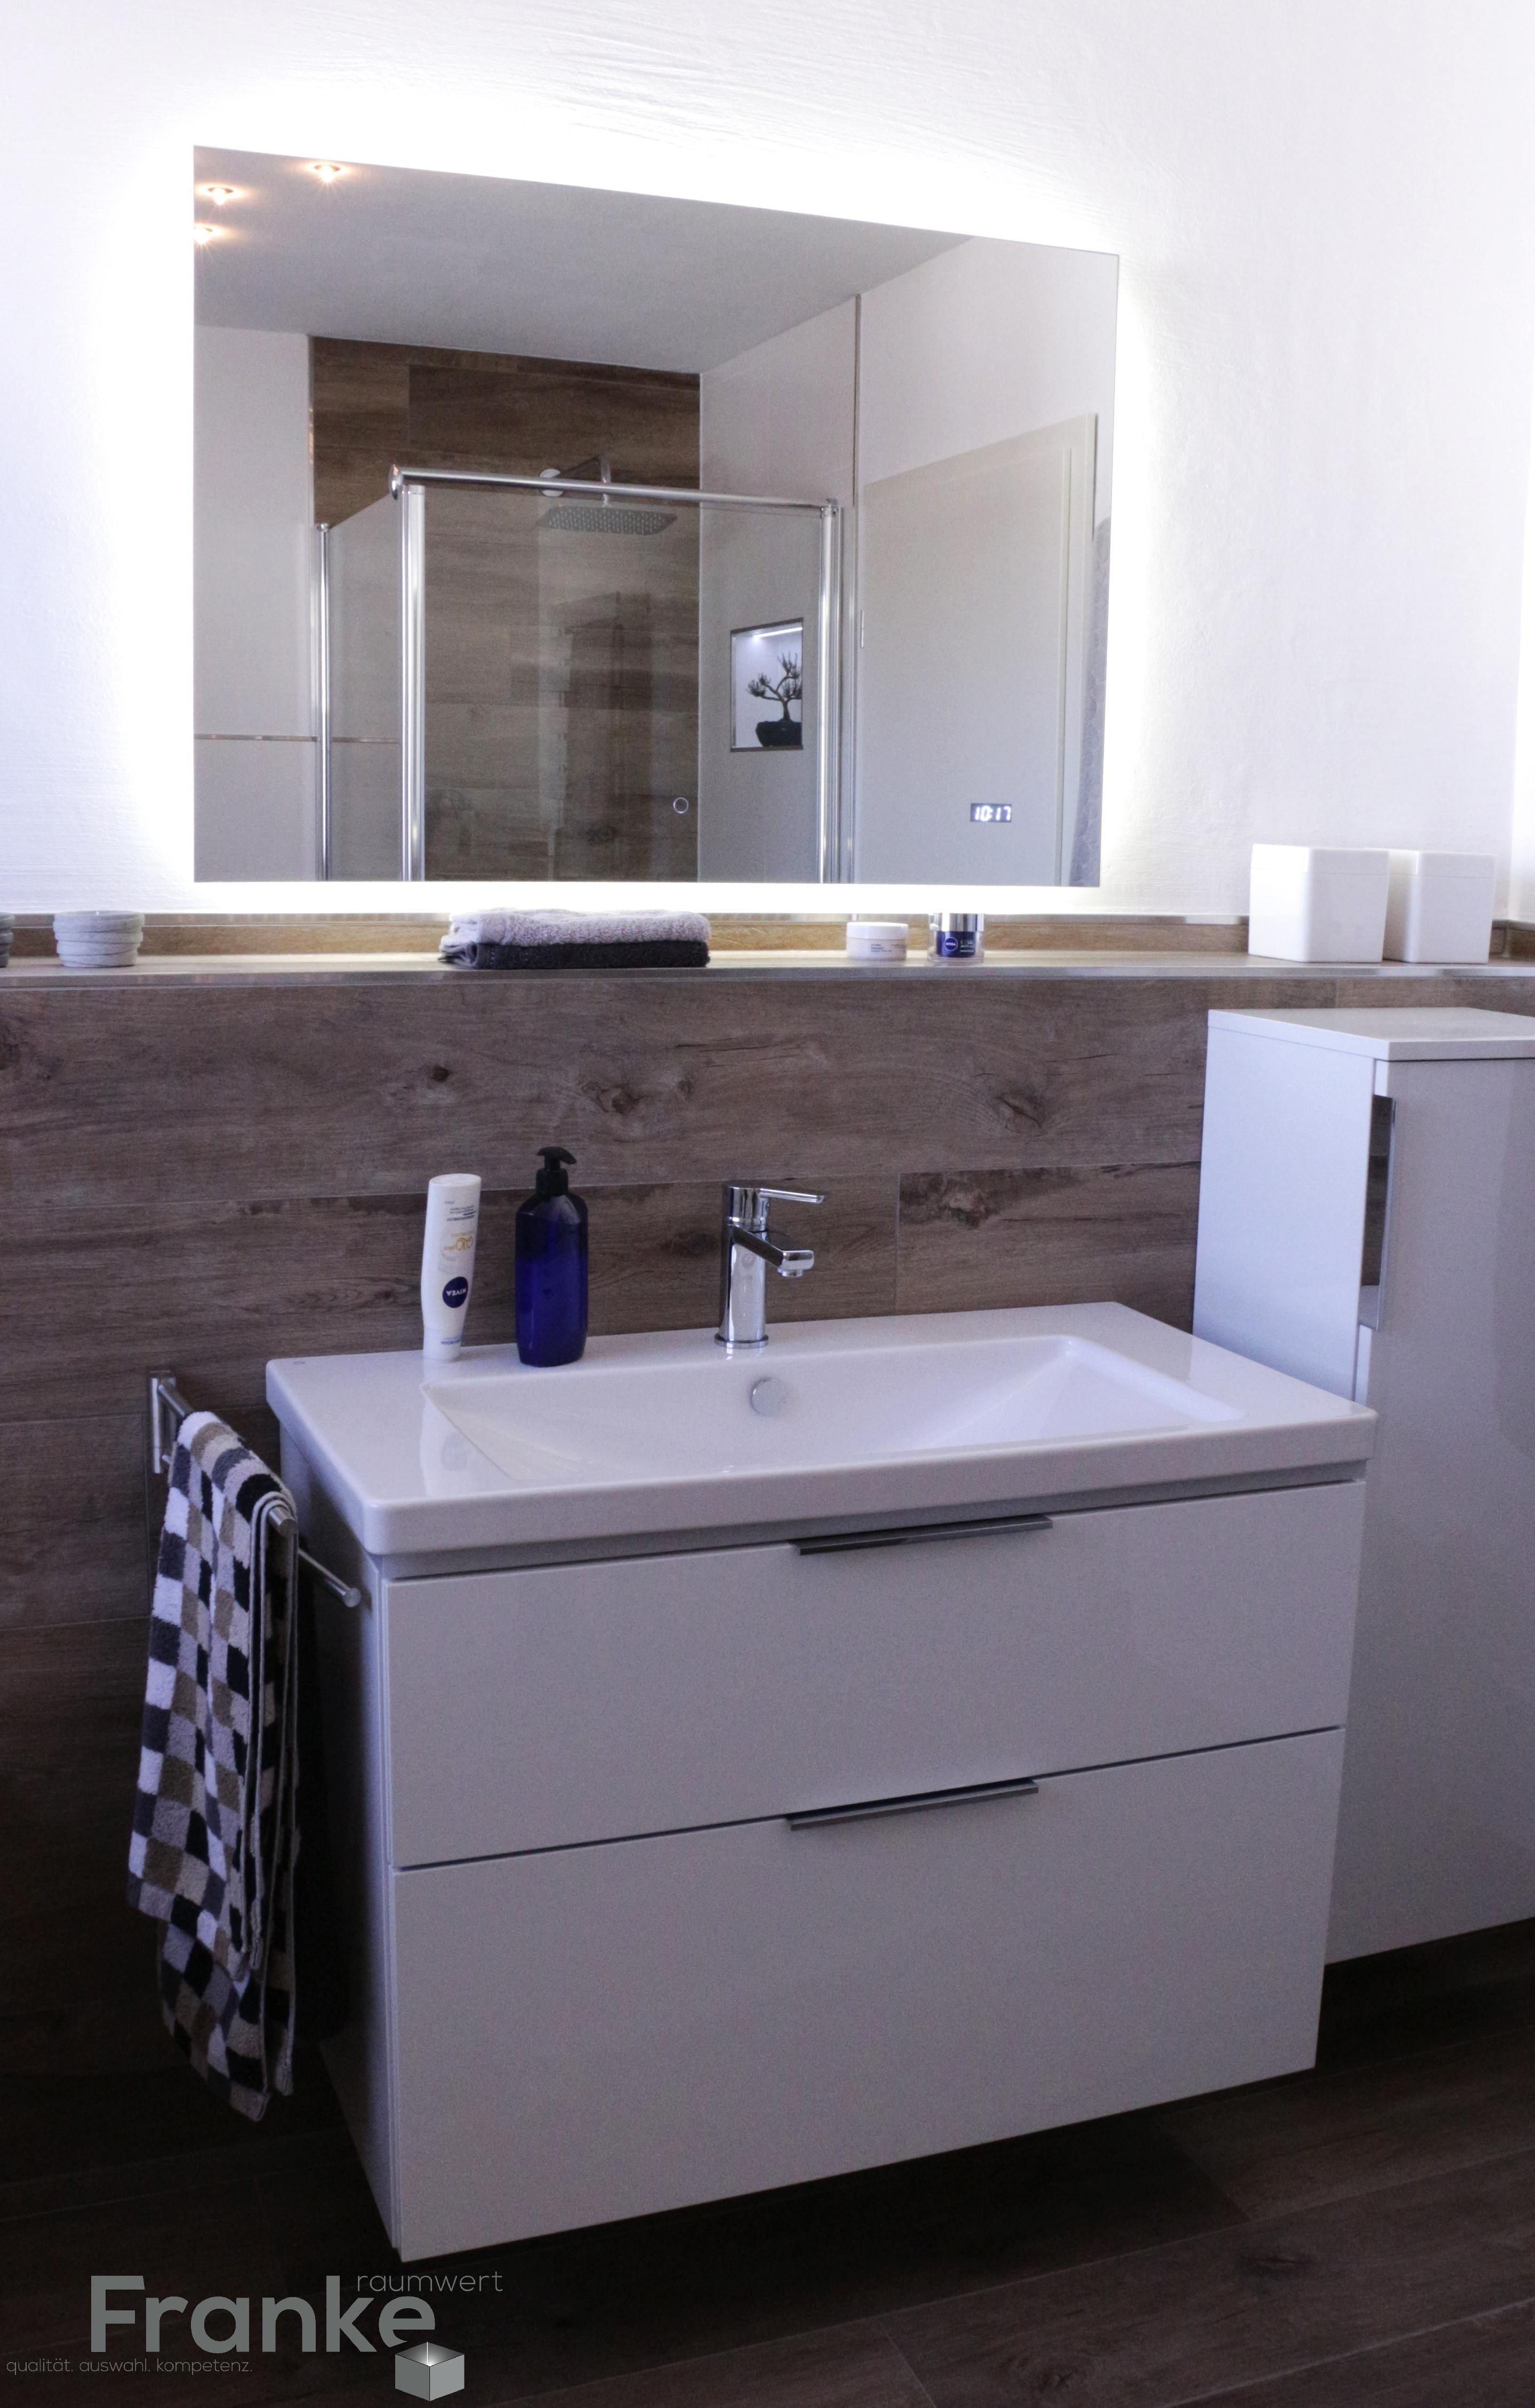 Lichtspiegel Mit Einer Waschtischkombination Von Burgbad Www Franke Raumwert De Badezimmer Badezimmer Waschbecken Schminktisch